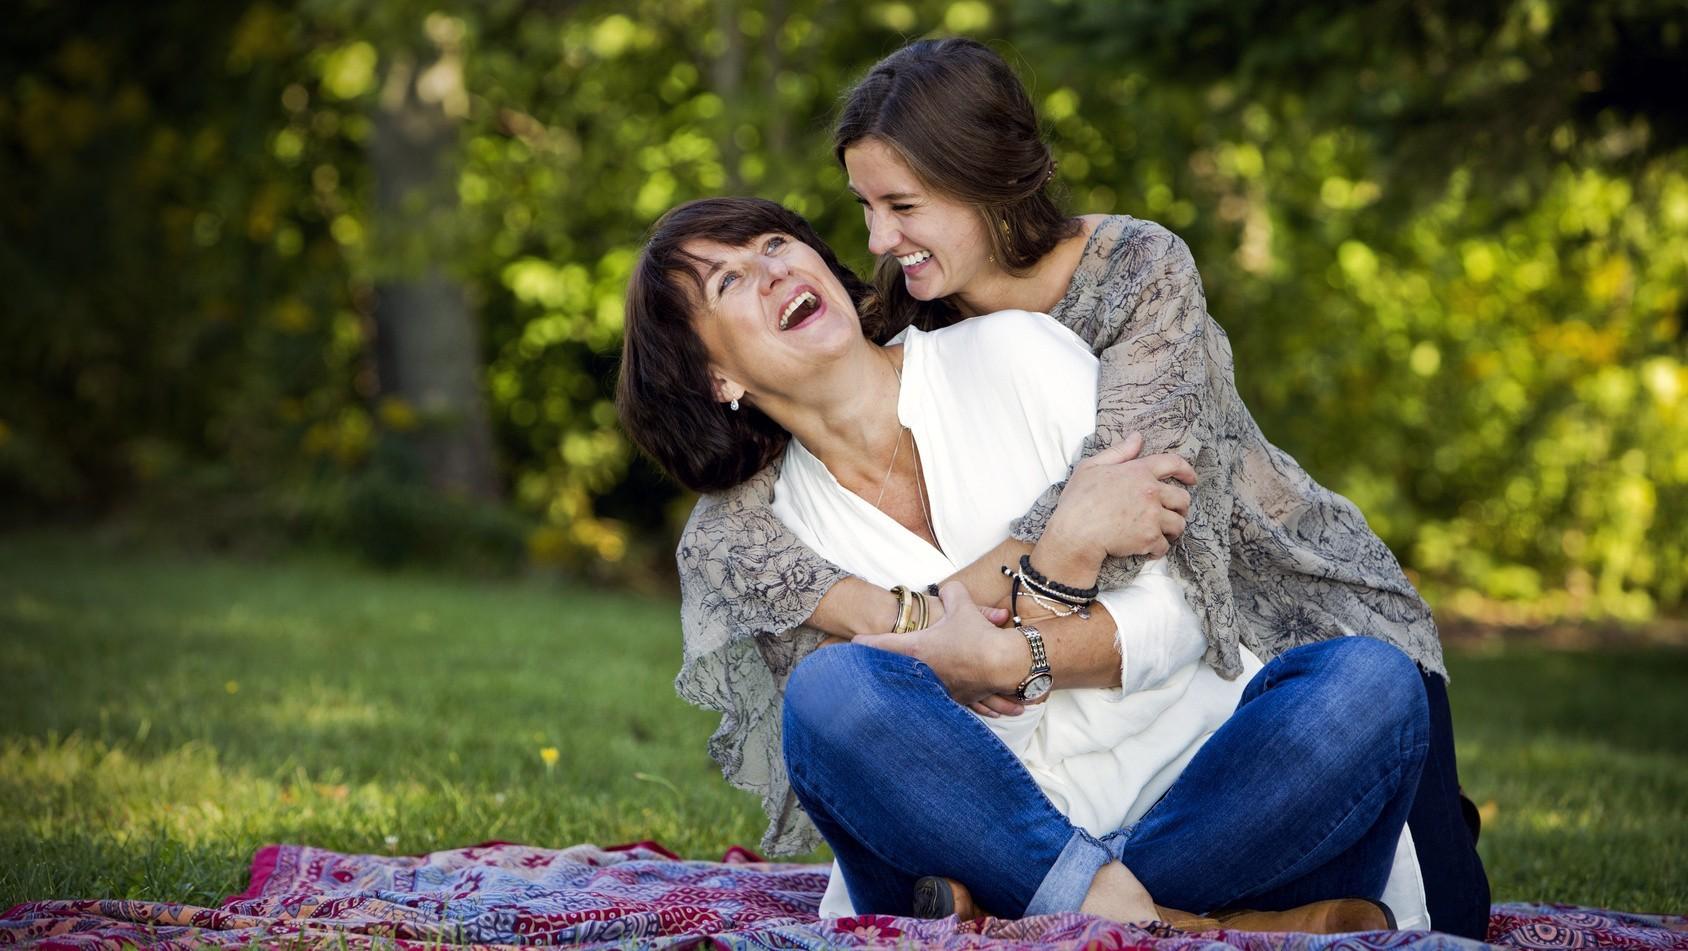 Pomysły na prezent dla mamy - podziękuj jej w szczególny sposób, który zbliży Was jeszcze bardziej. Matka i córka